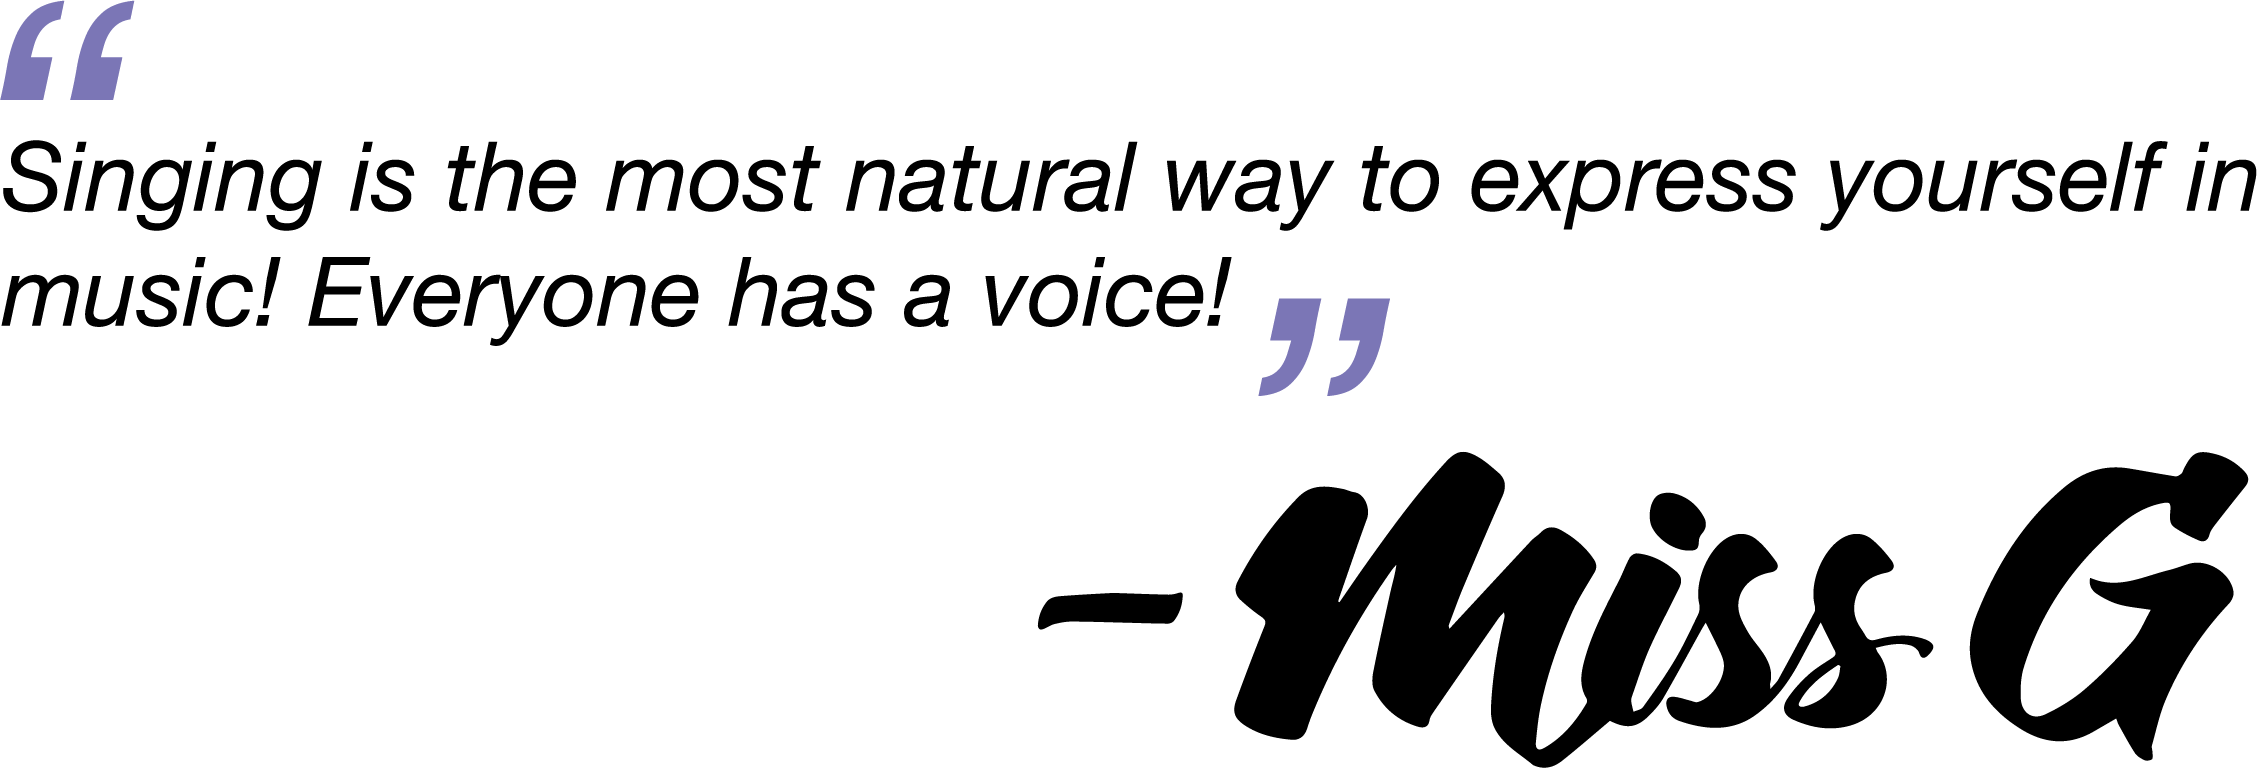 Singing-Quote